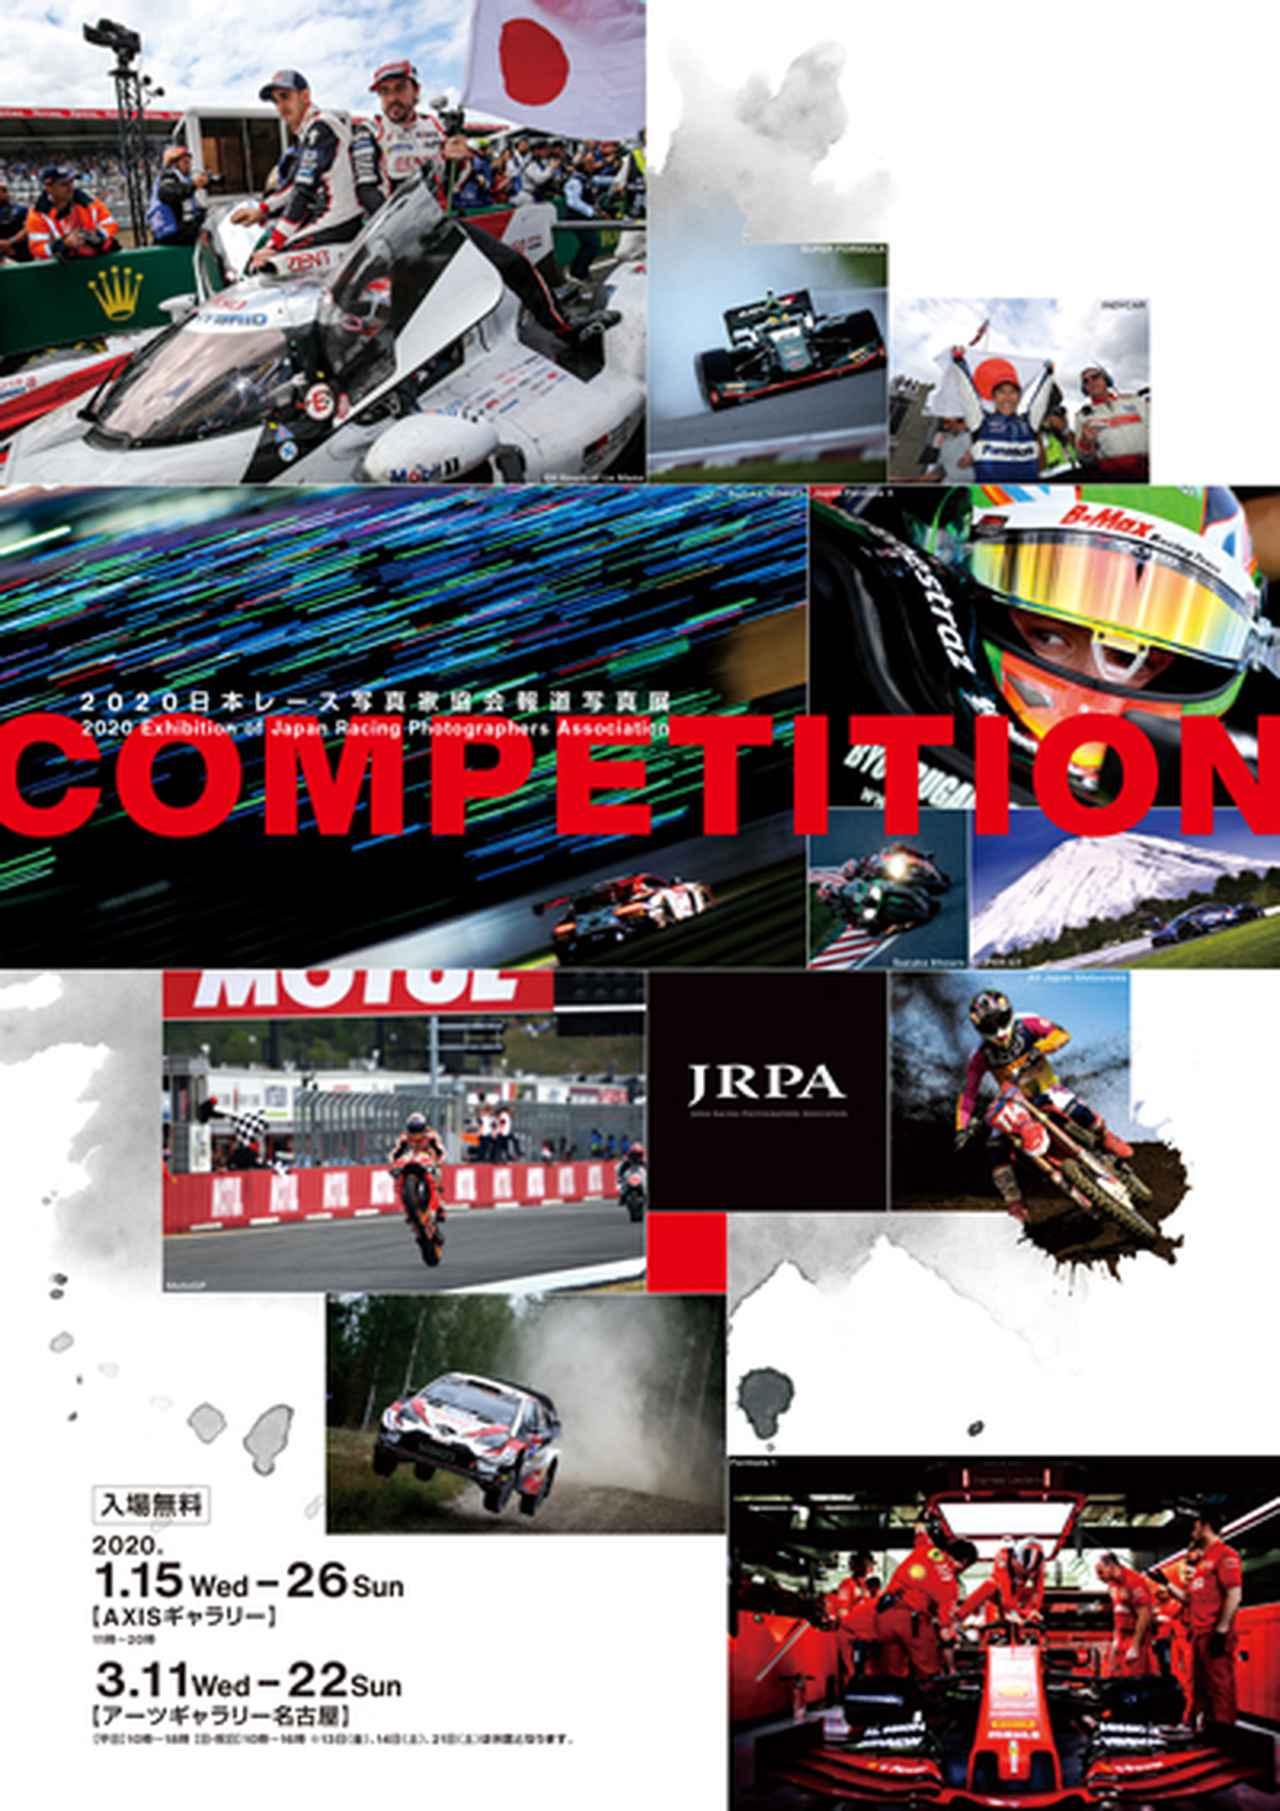 画像: 日本レース写真家協会報道写真展「COMPETITION」開催のお知らせ | JRPA : 日本レース写真家協会